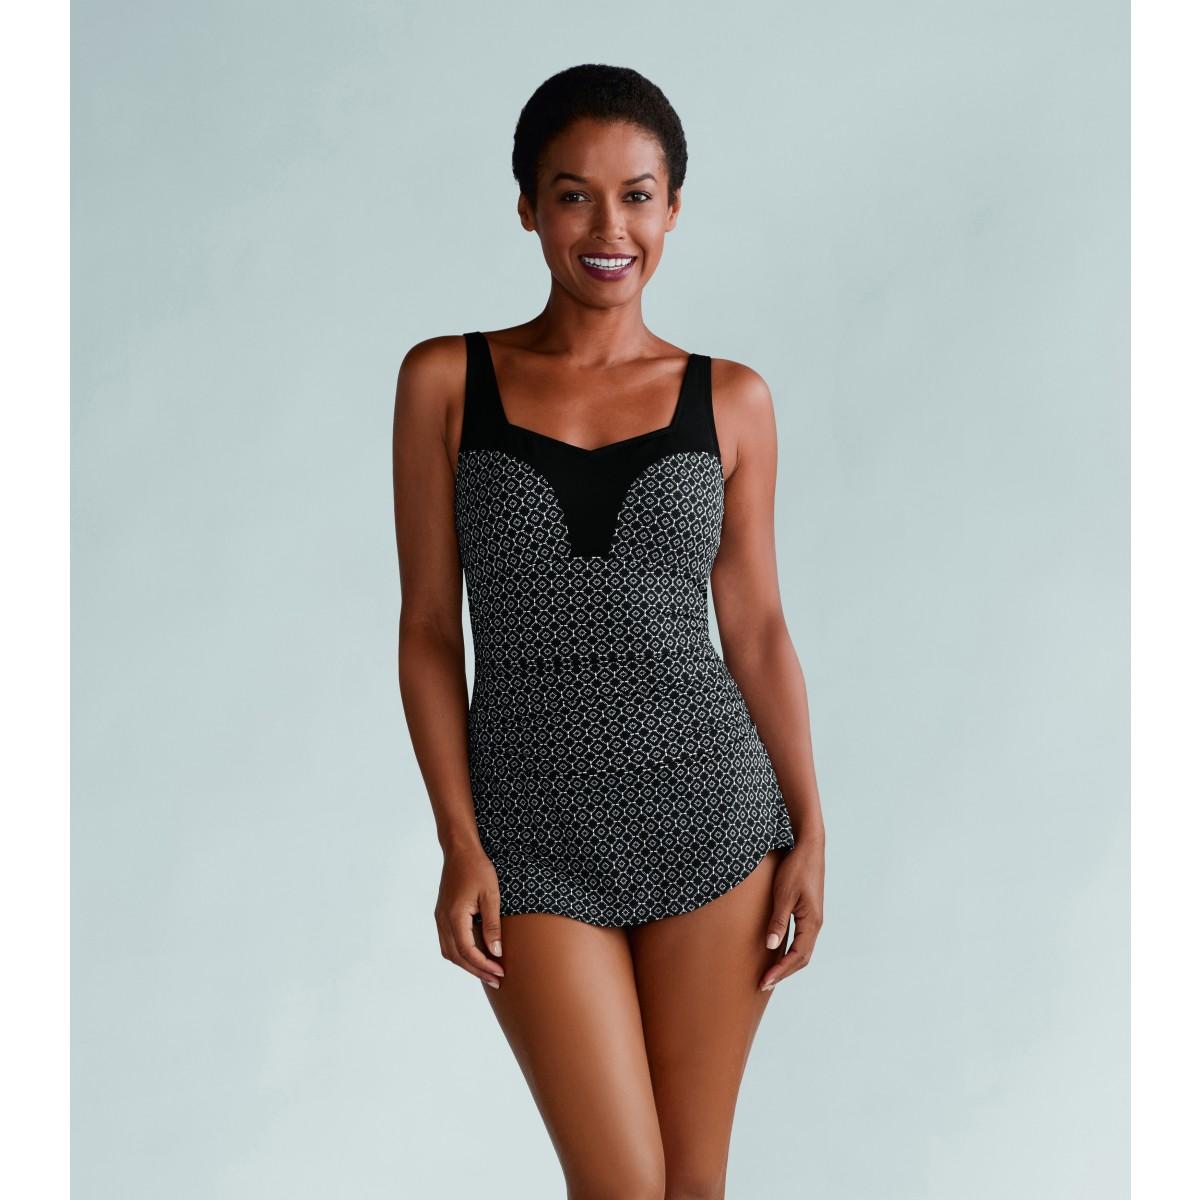 021c25dc722d6e Far - Med - Ayon jednoczęściowy kostium kąpielowy z kieszonkami na ...